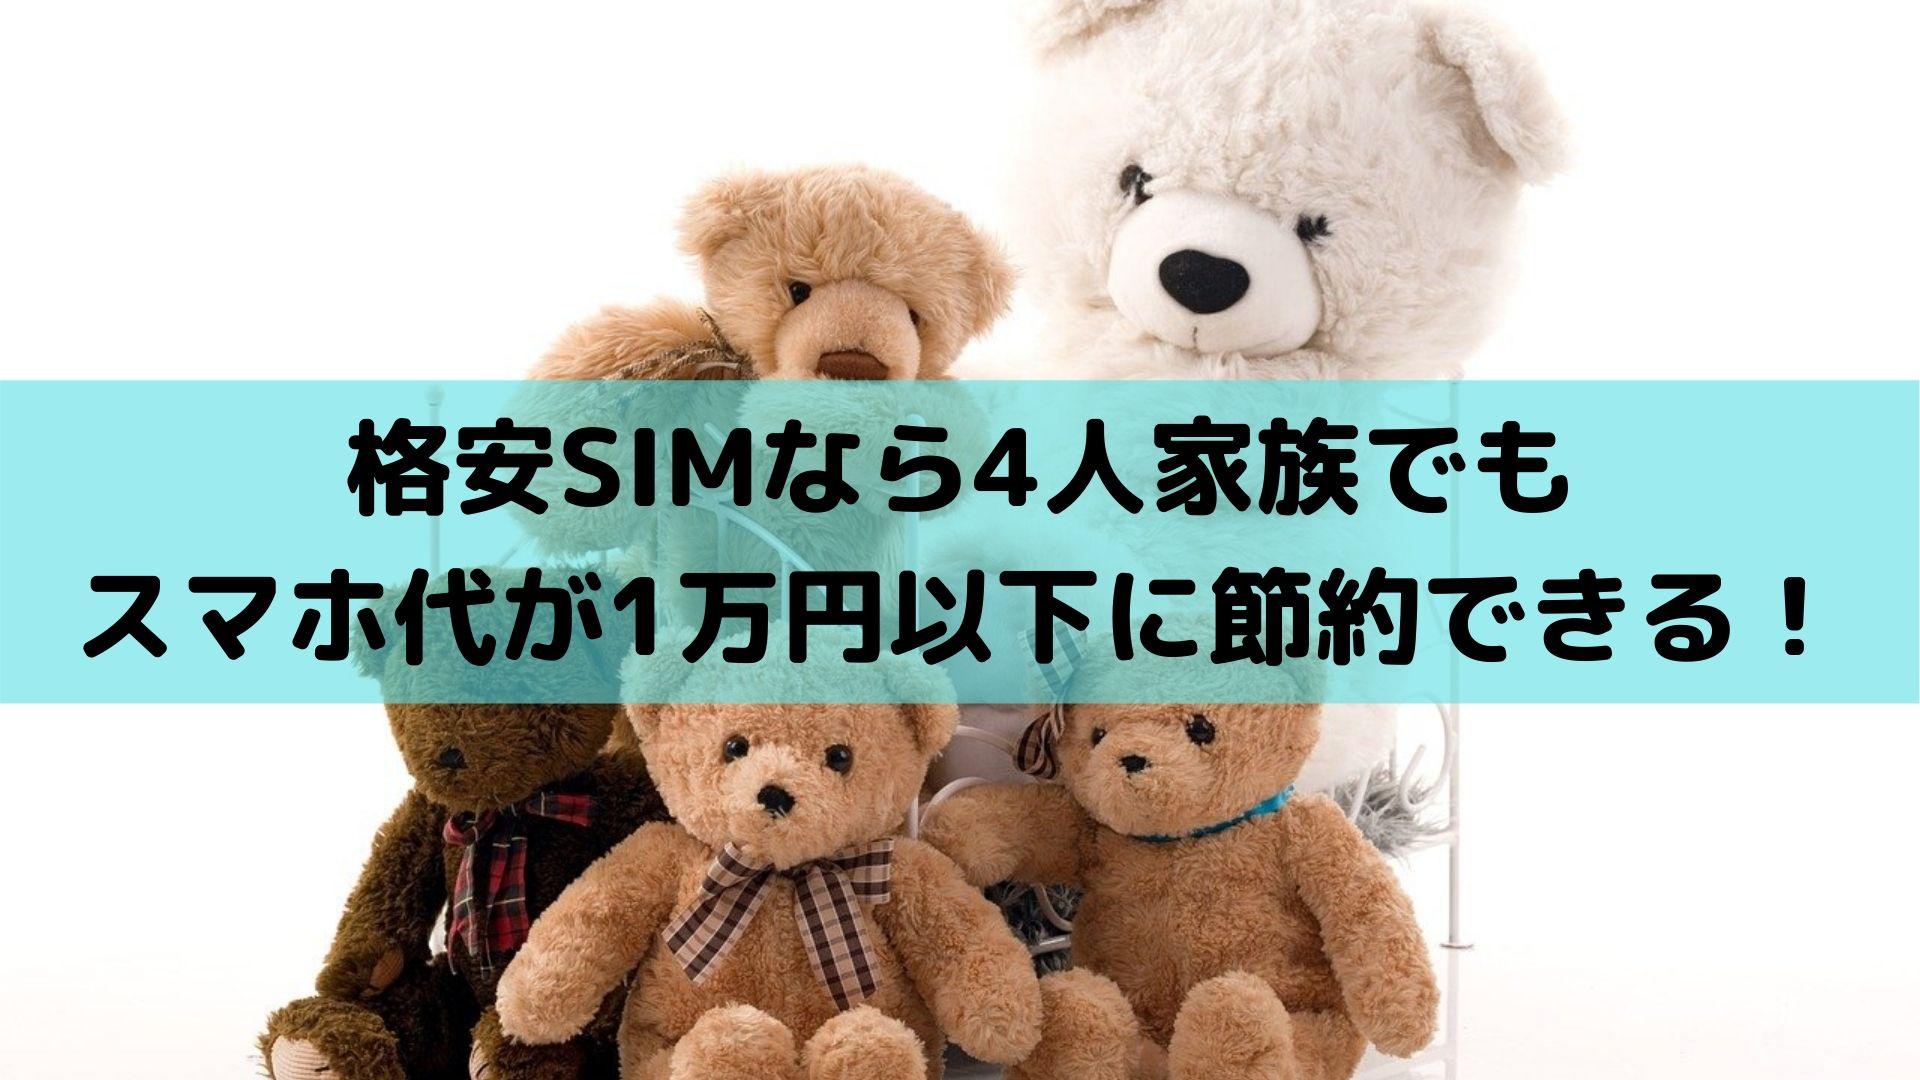 格安SIMなら4人家族でもスマホ代が1万円以下に節約できる!